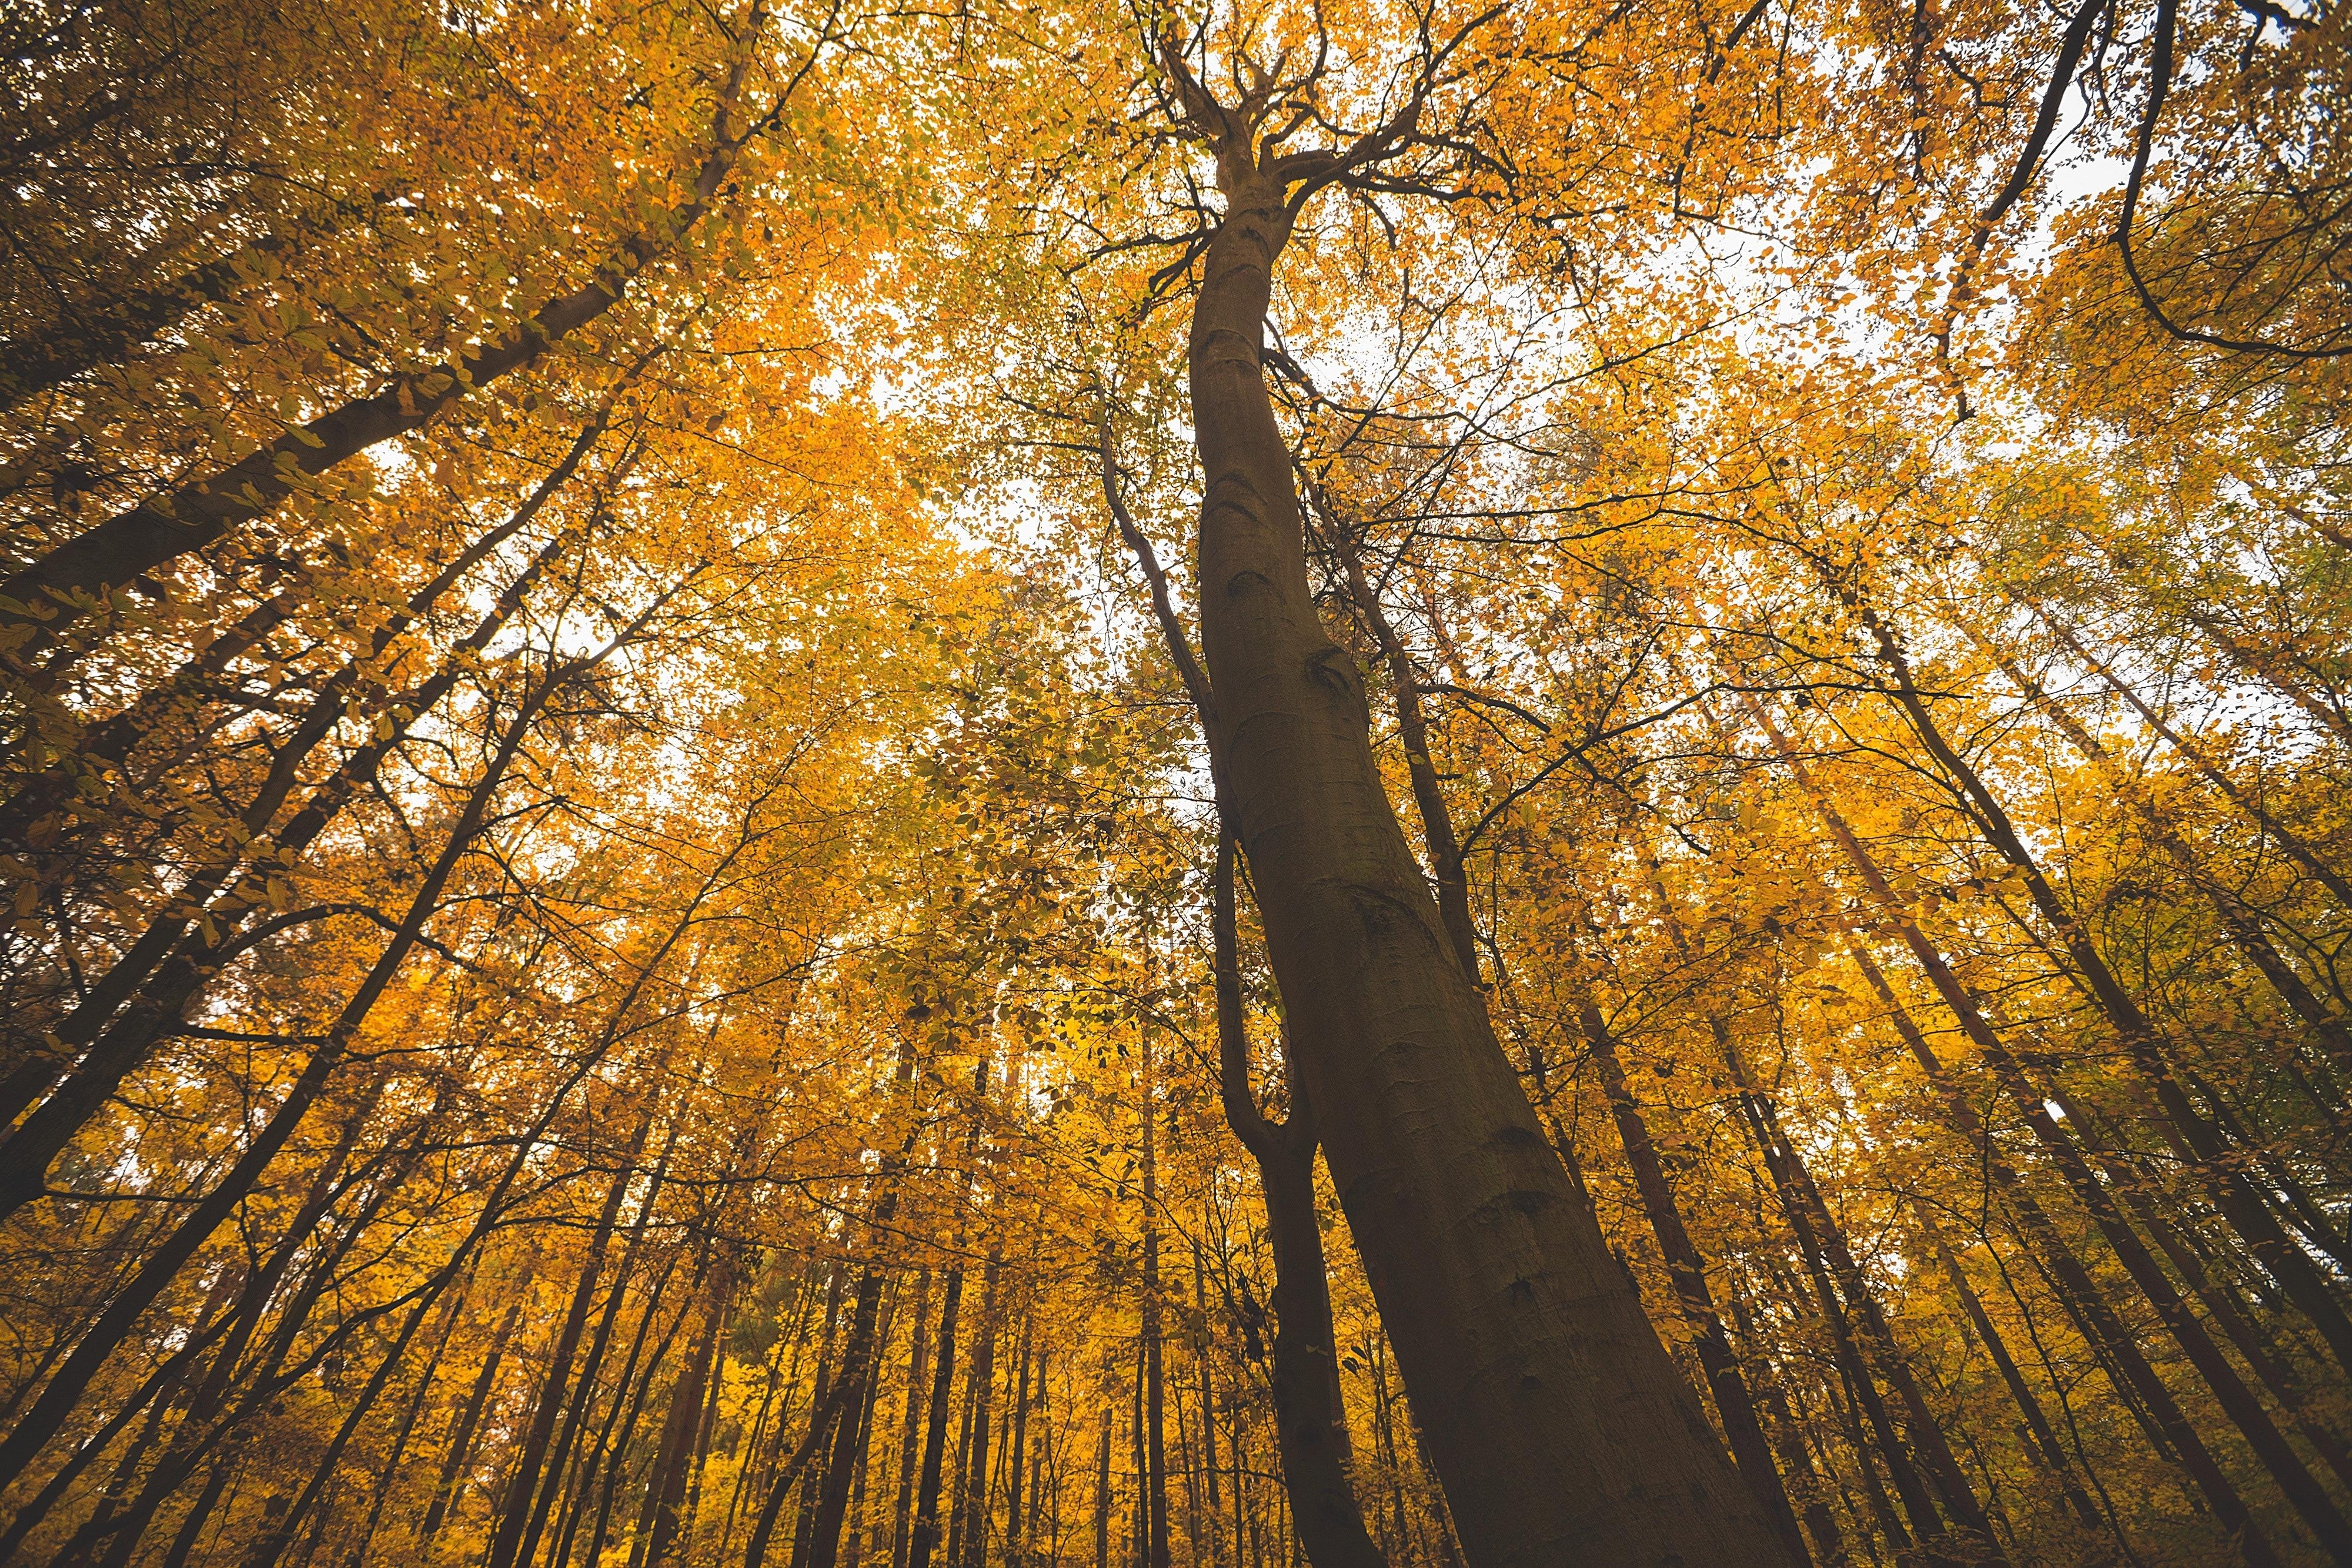 """SCIENCE - Hanging by a thread? Forests and drought ha analizzato la sensibilità del sistema vascolare degli alberi in condizione di siccità critiche: """"il corso estremamente rapido del cambiamento climatico - scrivono gli autori - sembra stia introducendo una enorme instabilità nei tassi di mortalità delle foreste, a livello globale""""."""